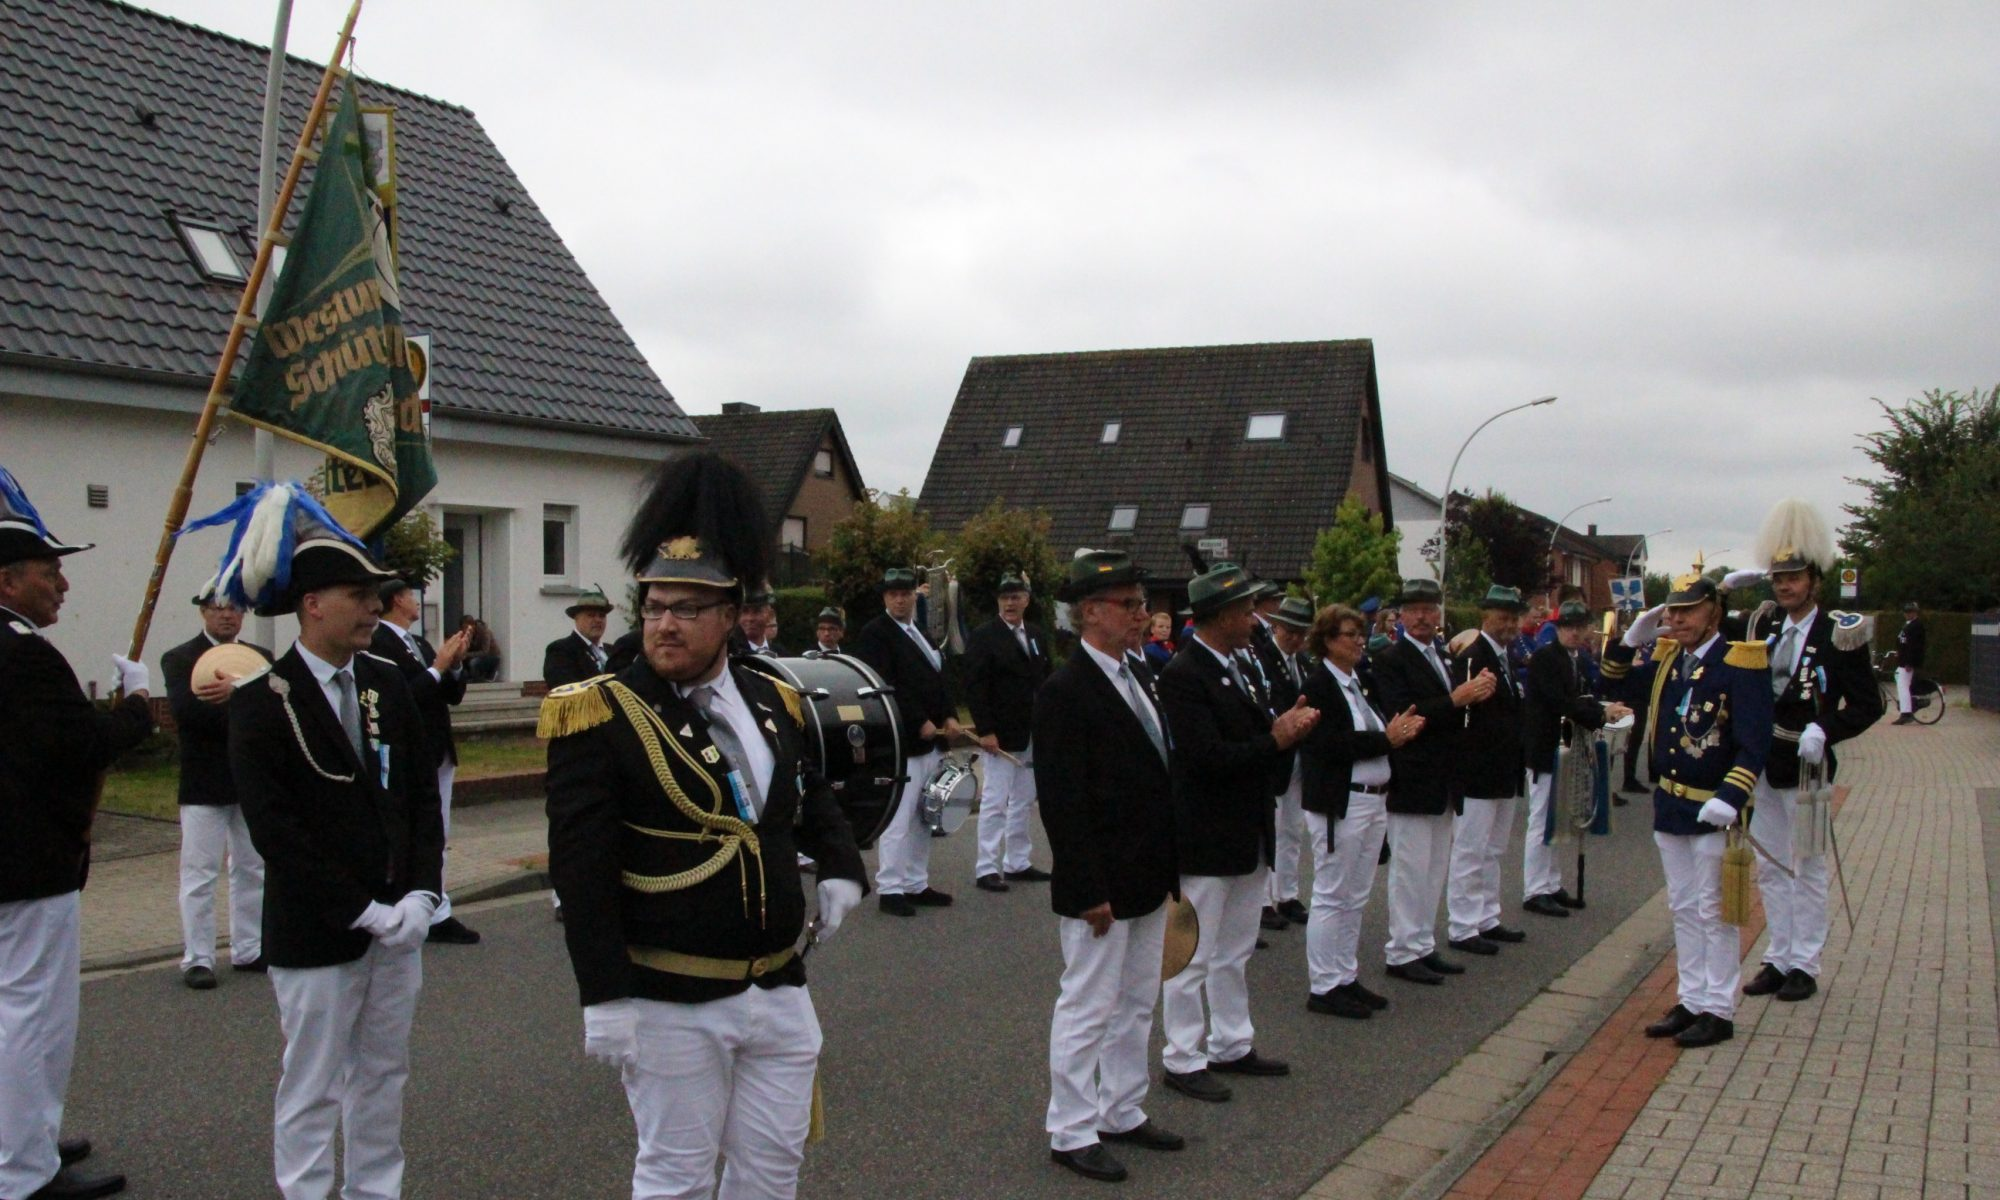 Westumer Schützen-Gesellschaft Emsdetten e.V. gegründet 1713